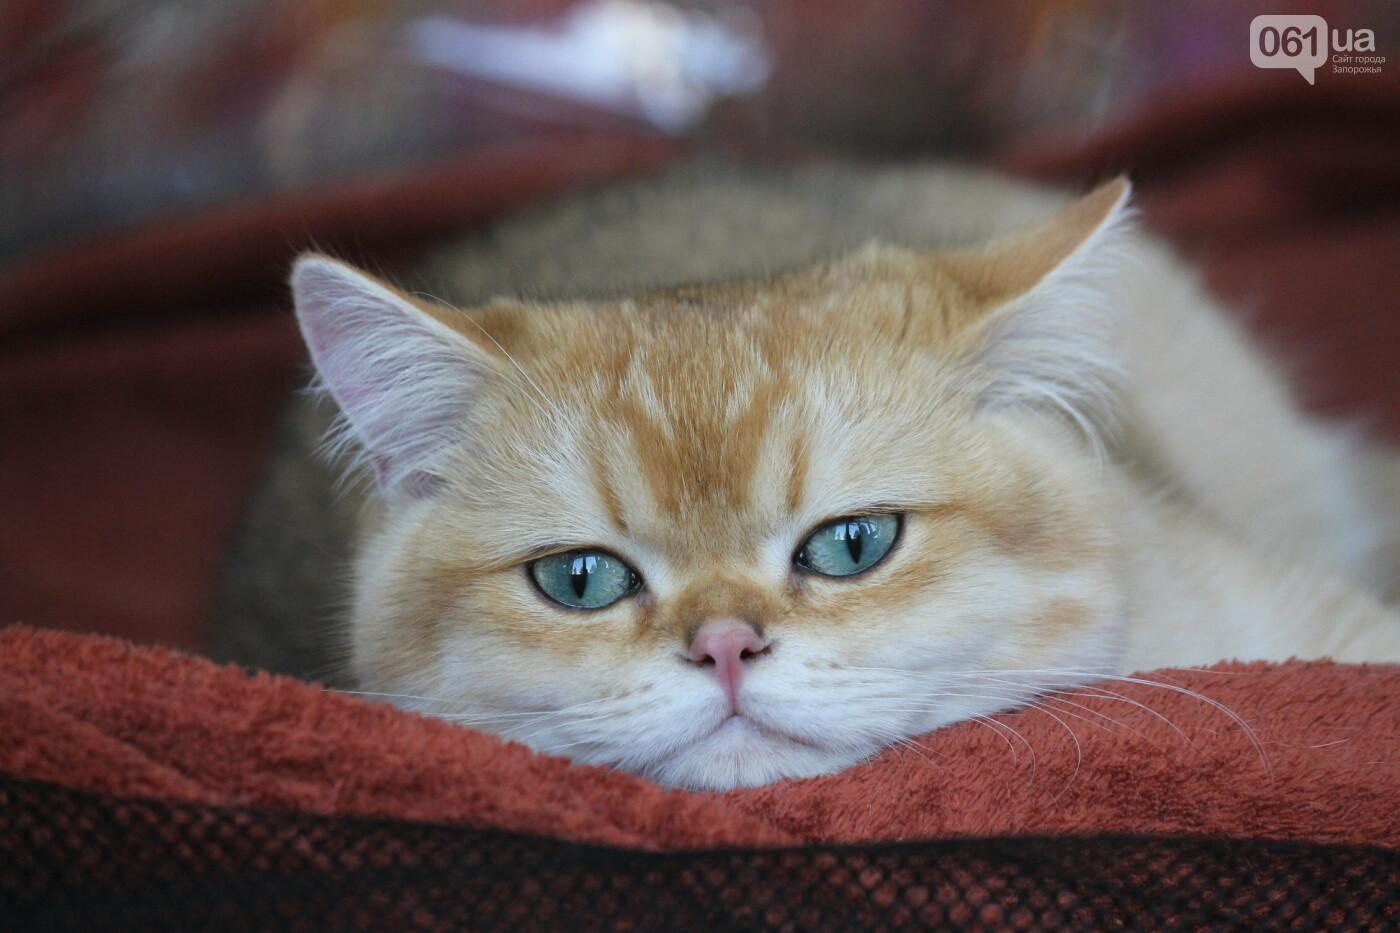 В Запорожье на выставке кошек показали 130 питомцев со всей Украины, – ФОТОРЕПОРТАЖ, фото-27